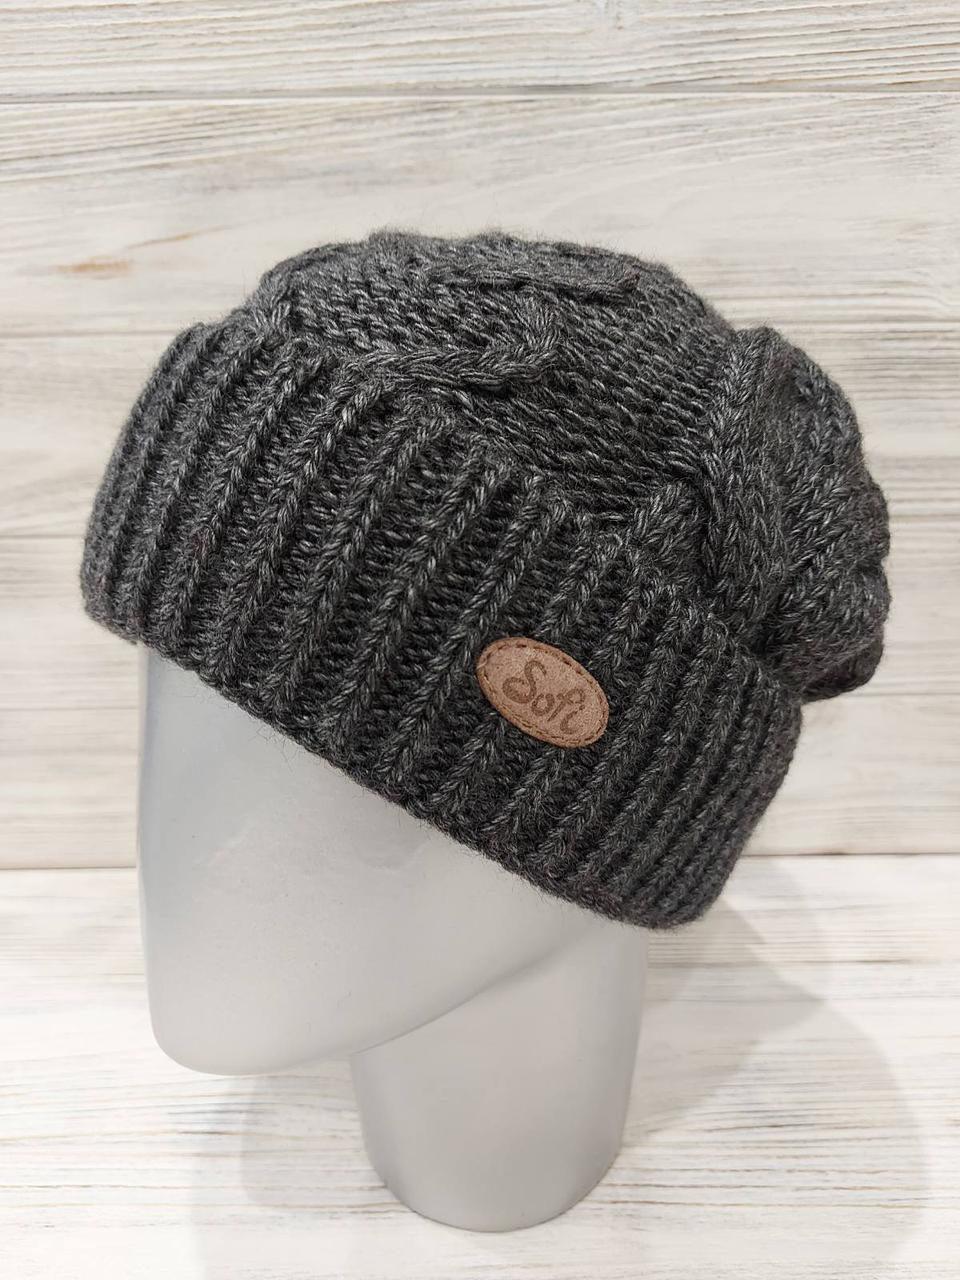 Женская шапка из полушерсти крупной вязки на защипе сзади, внутри на флисе 1207293